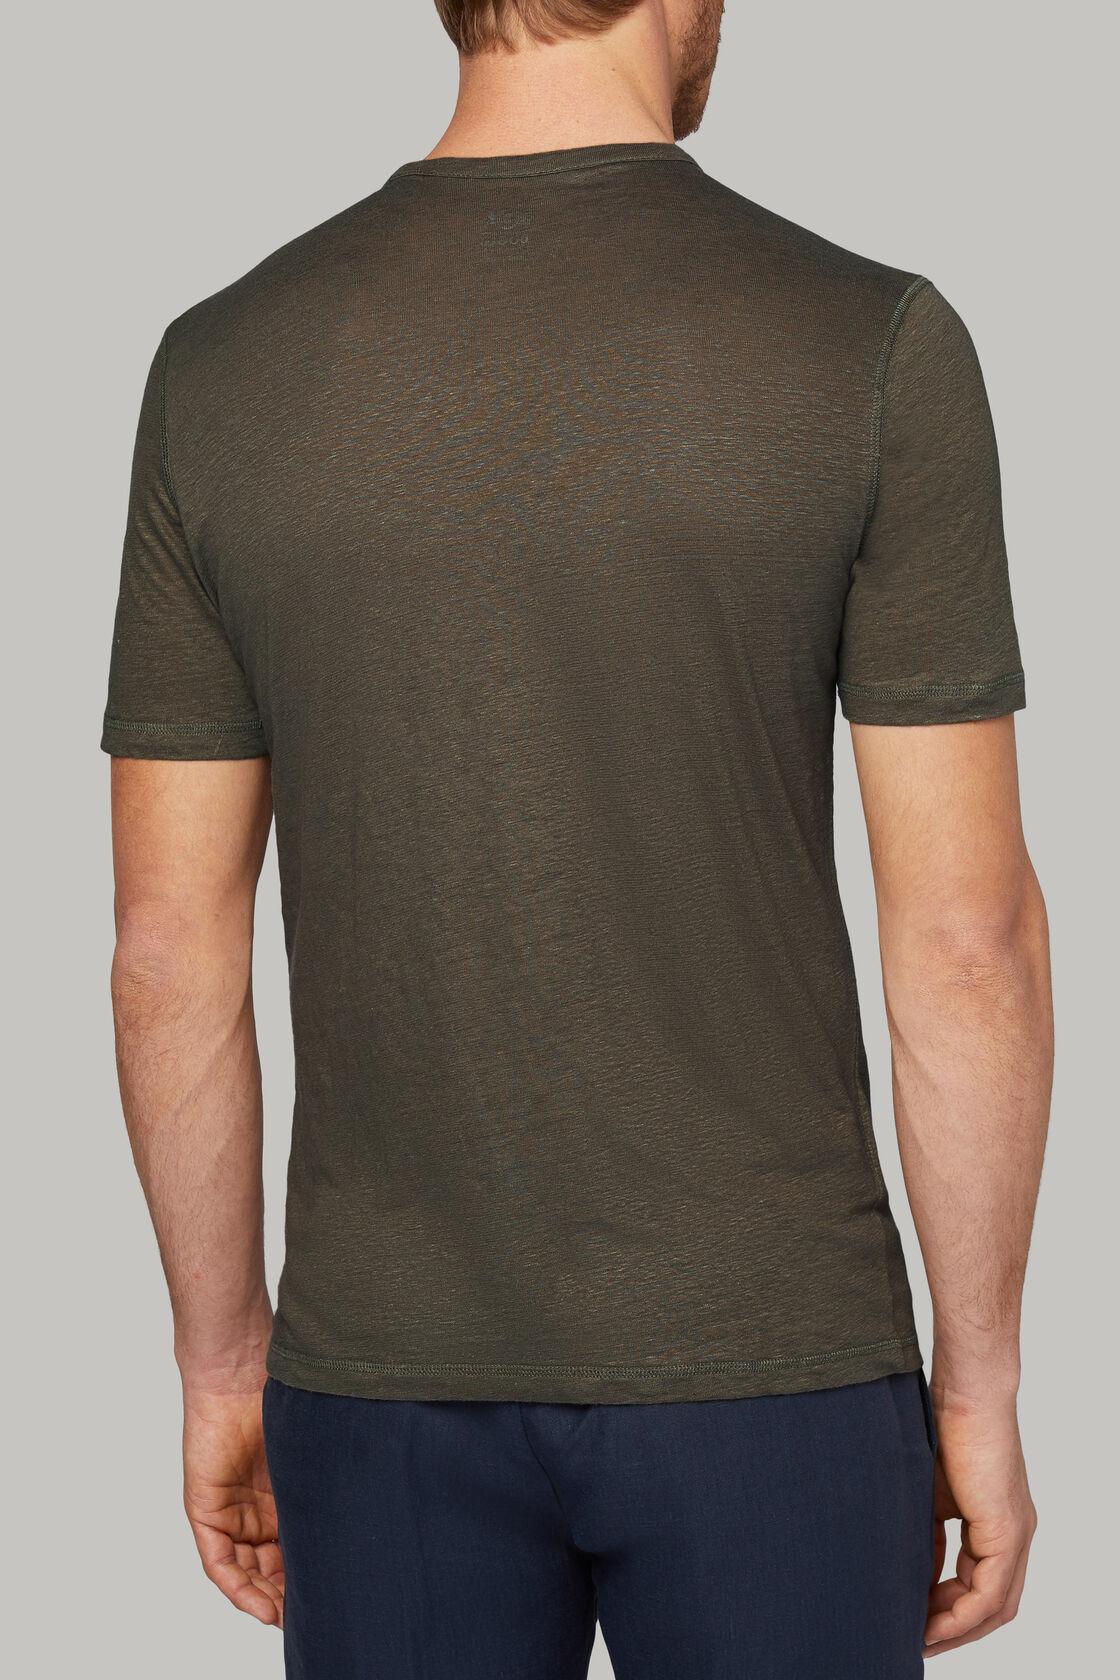 T-shirt aus elastischem leinenjersey, Taupe, hi-res